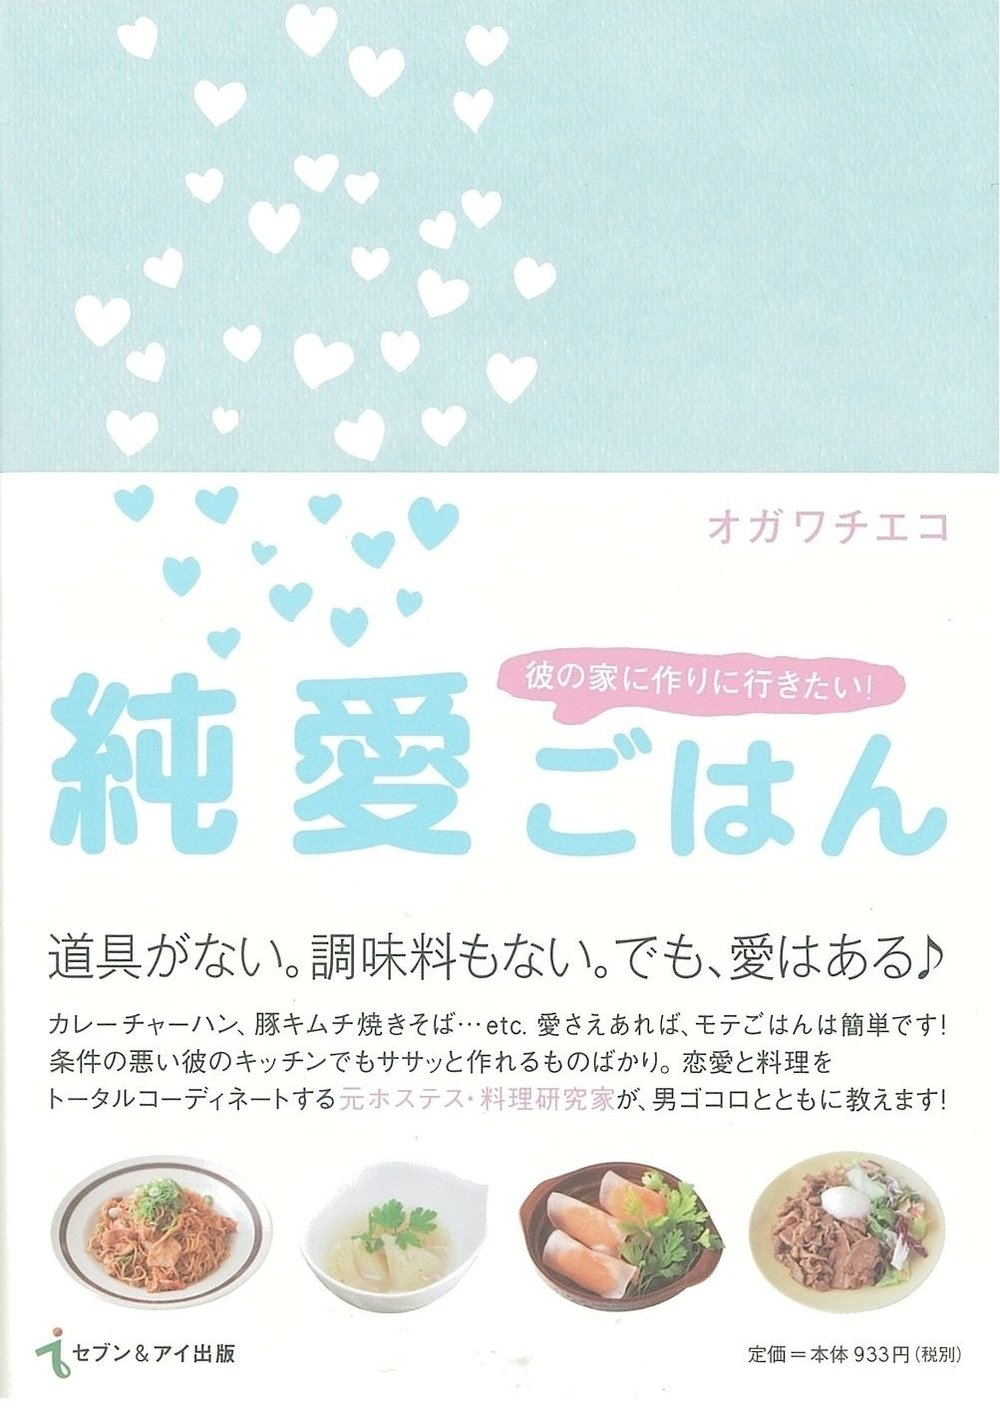 - 『彼の家に作りに行きたい!純愛ごはん』オガワチエコ 著セブン&アイ出版2013年5月23日発売amazon商品ページはこちら